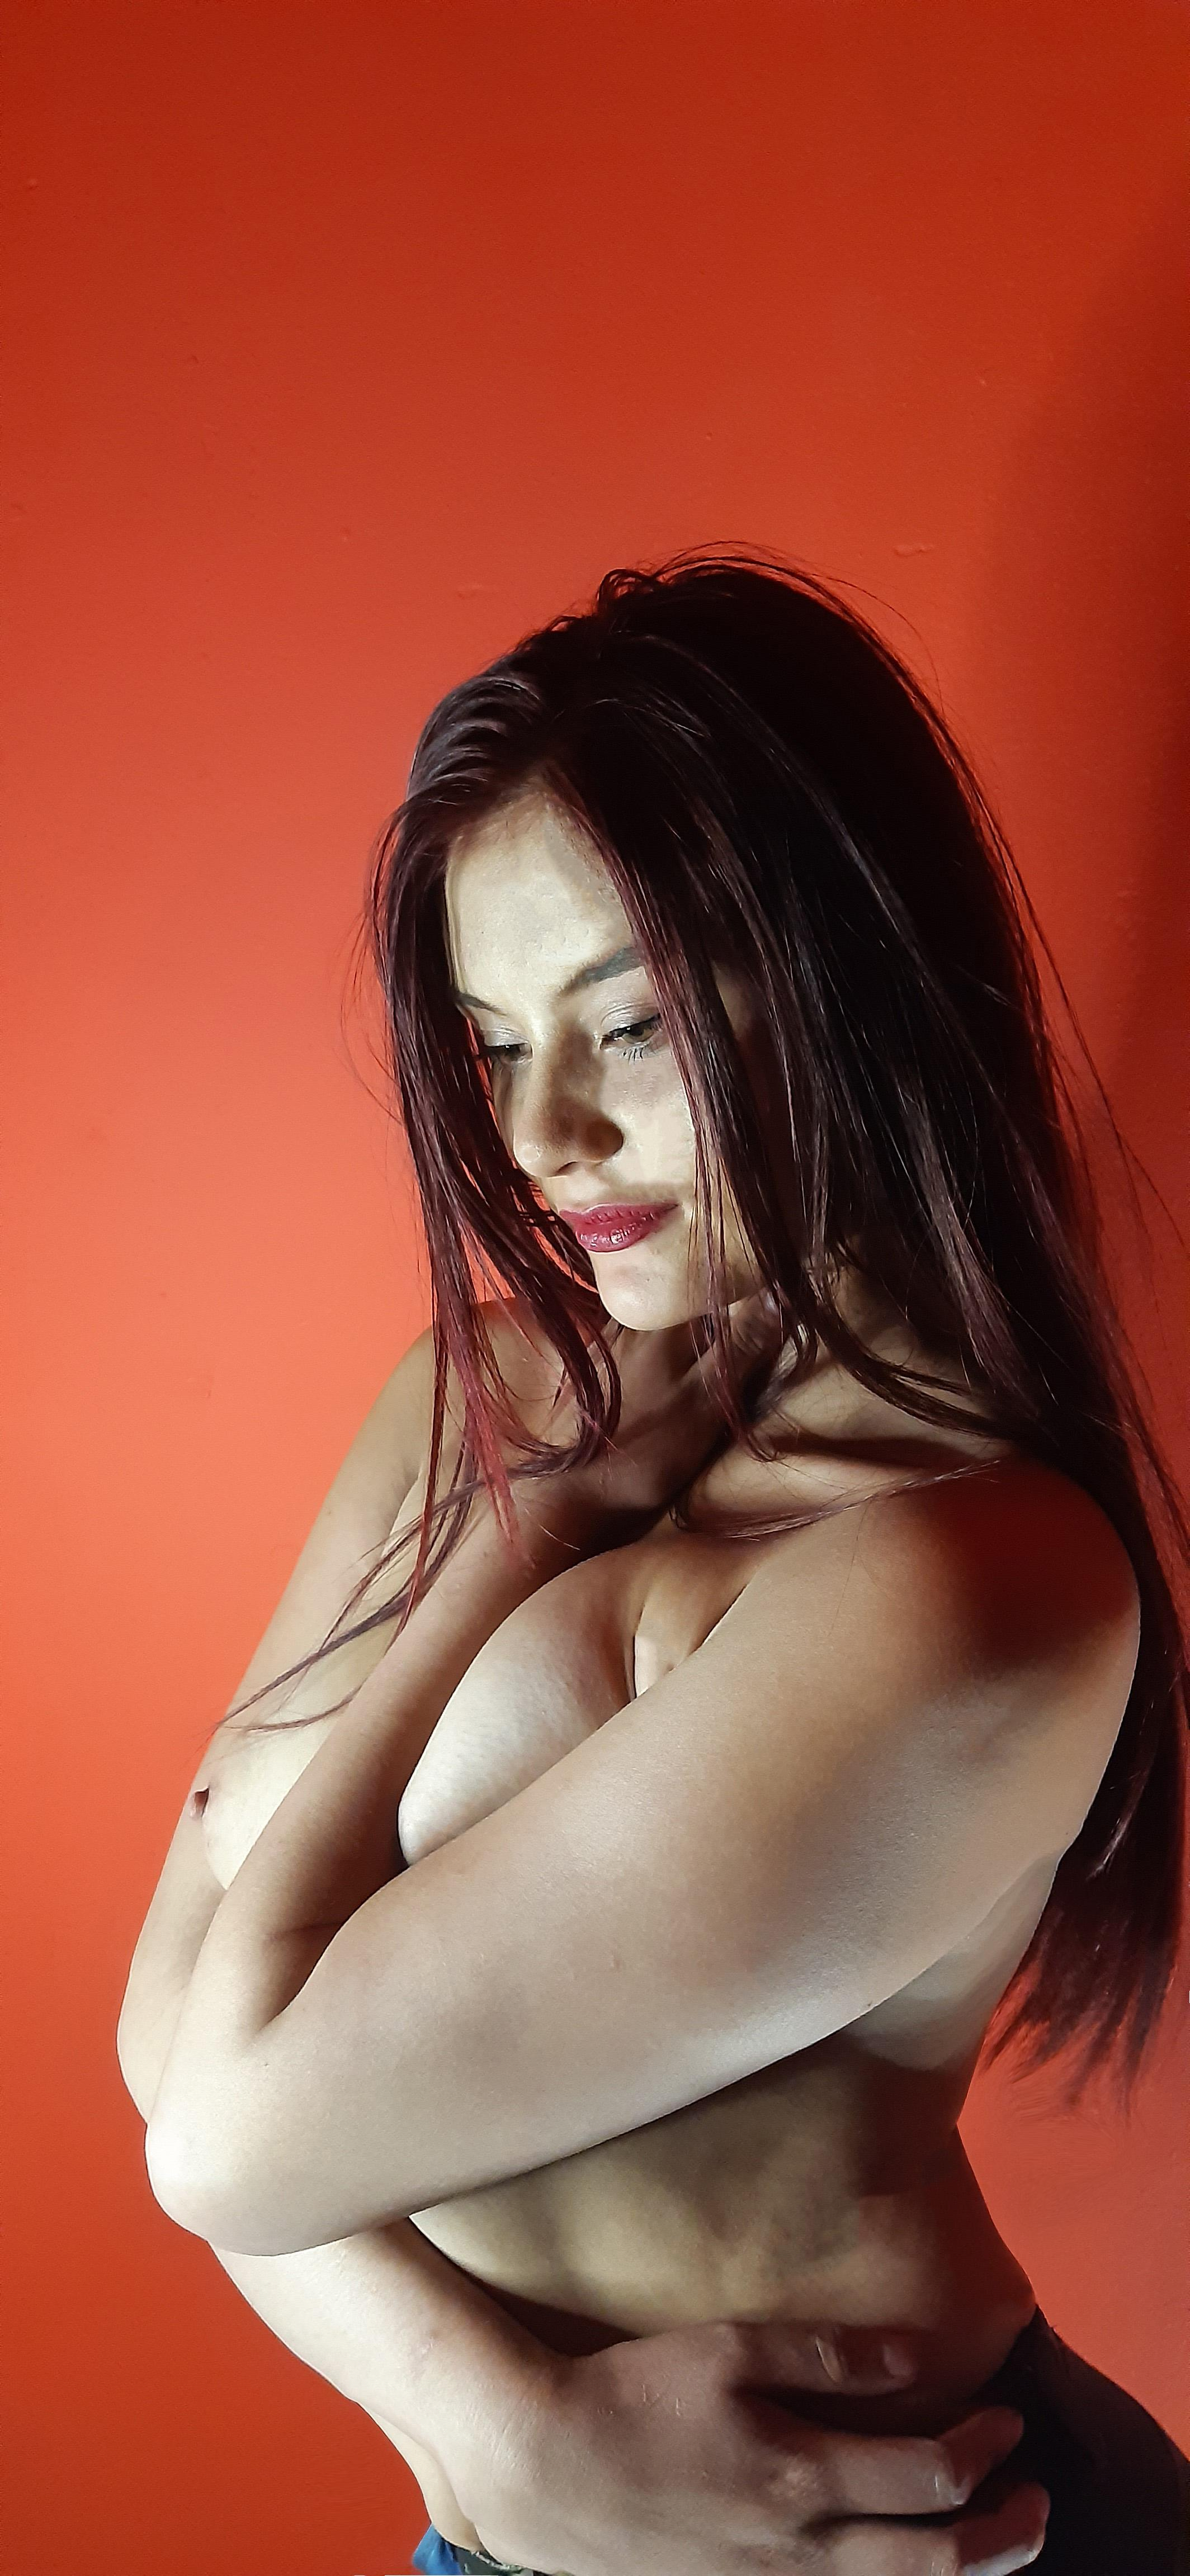 Nicole trevor?s=9233sq9juzf8xdryjon17upuyxb3pt+eo2fn79akiy8=